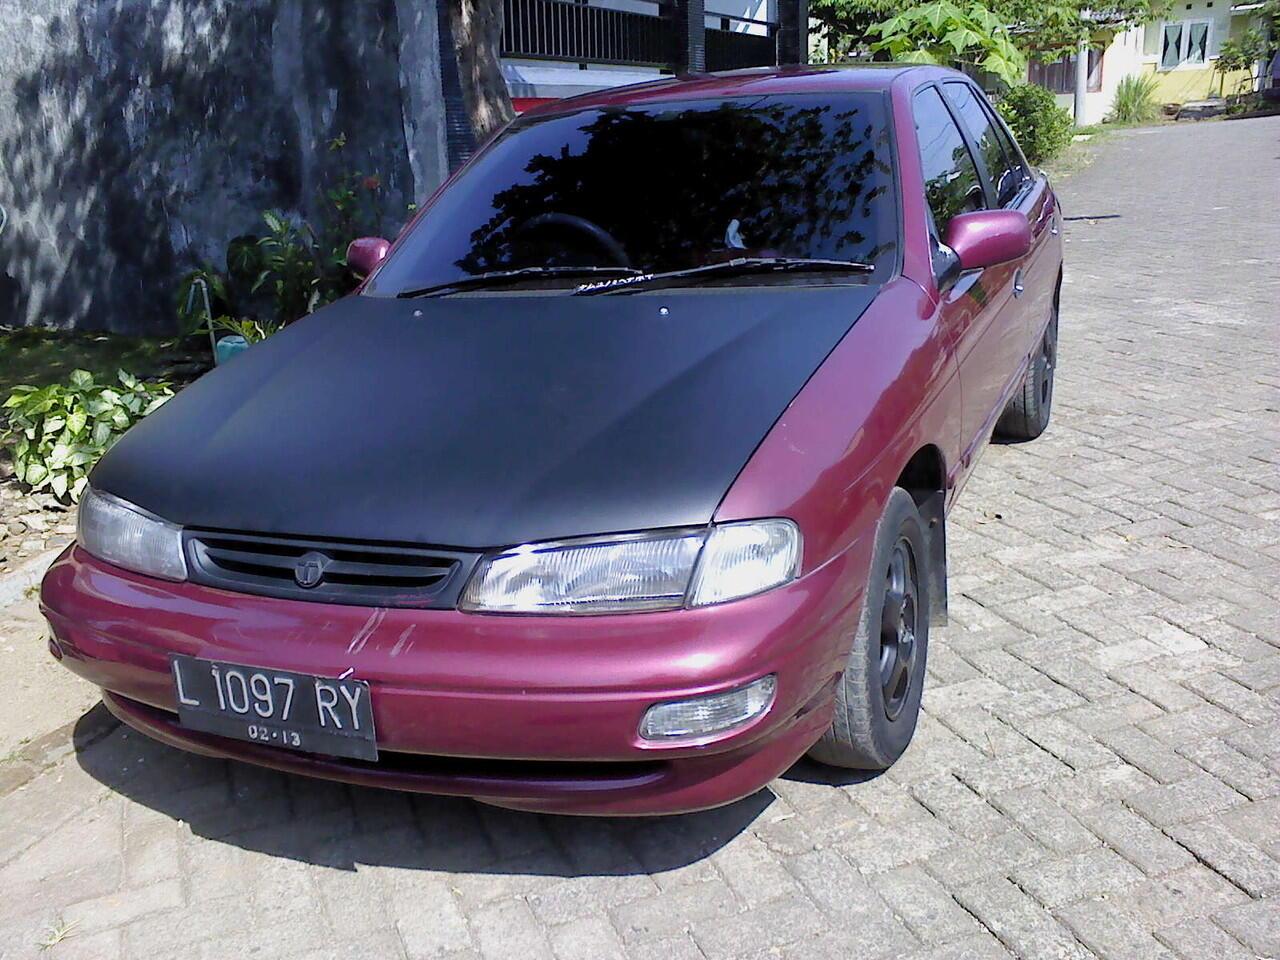 Dijual Cepat Mobil Timor Mulus